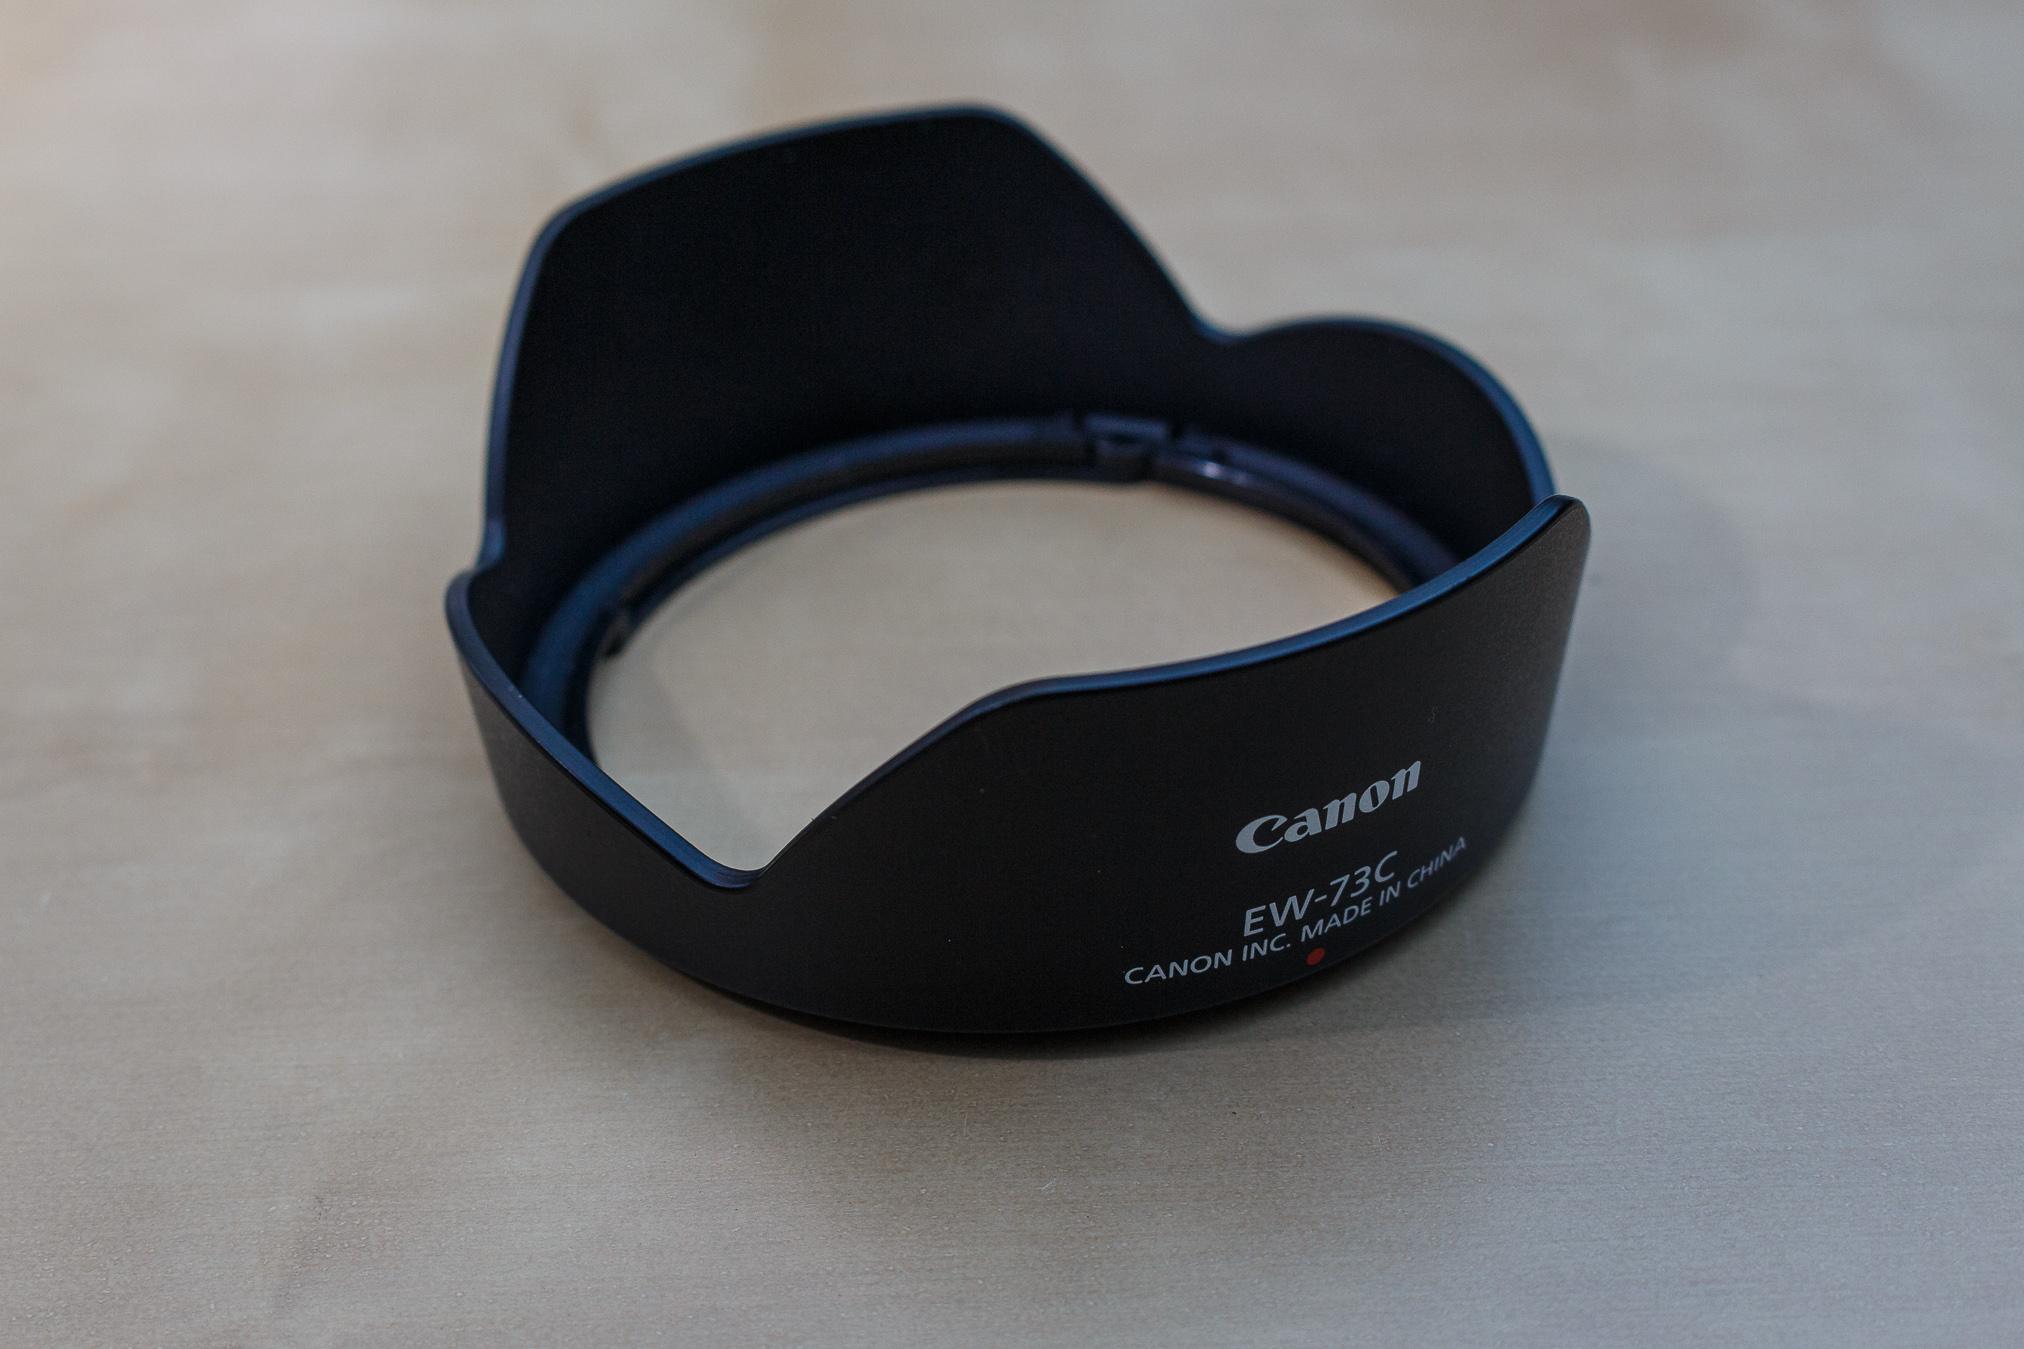 Eine Gegenlichtblende hat grundsätzlich eine andere Funktion als ein UV-Filter, doch zum Schutz des Objektives eine gute Möglichkeit